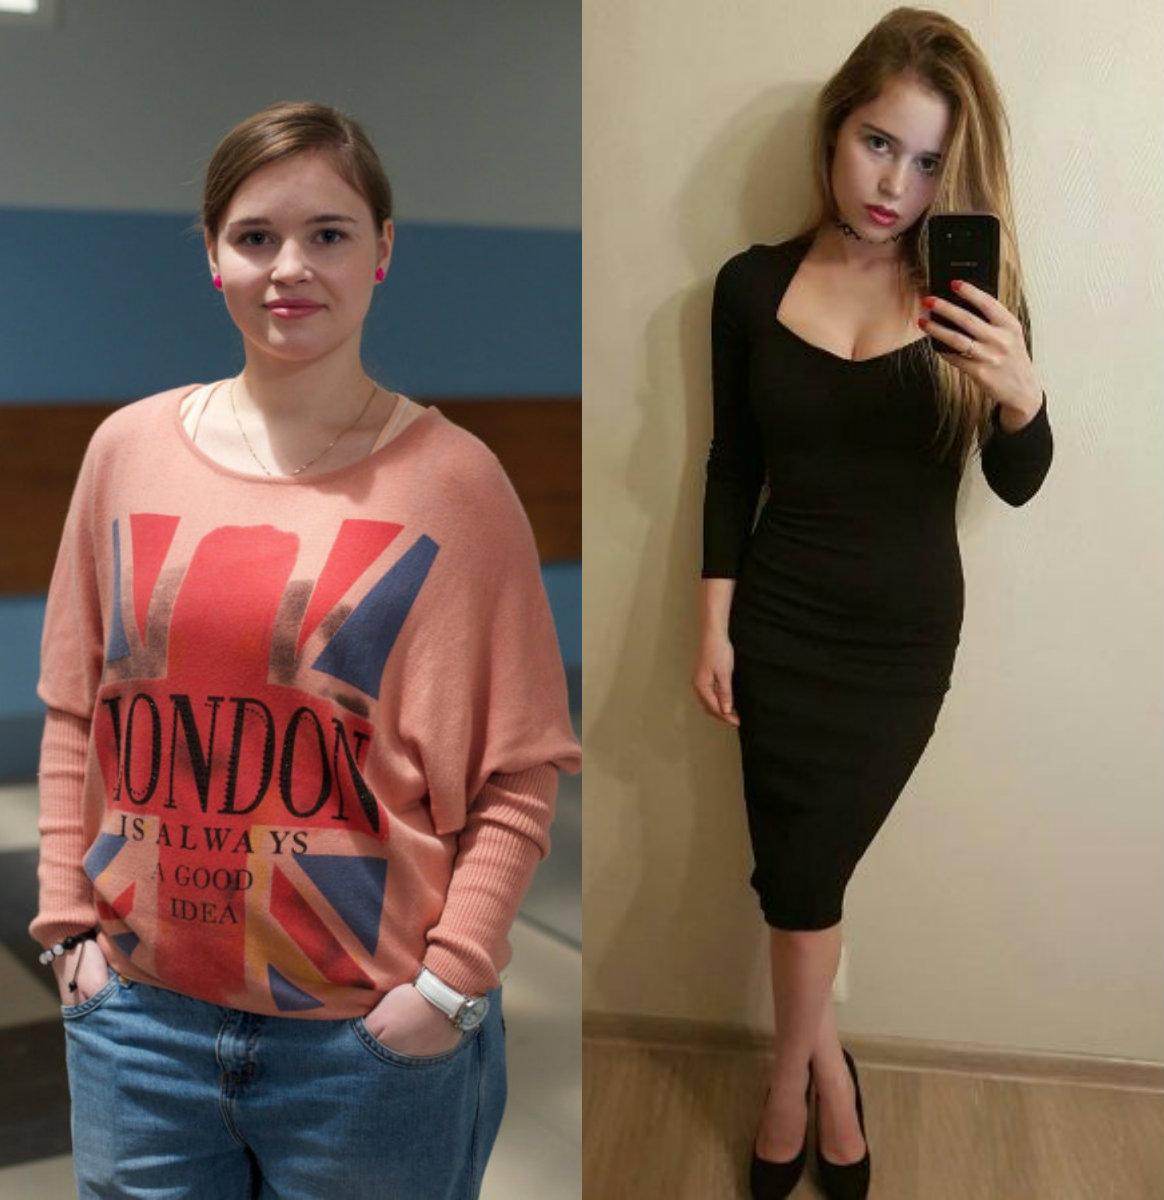 Русские Актрисы Похудели. Как худеют наши знаменитости: 3 примера похудевших до неузнаваемости